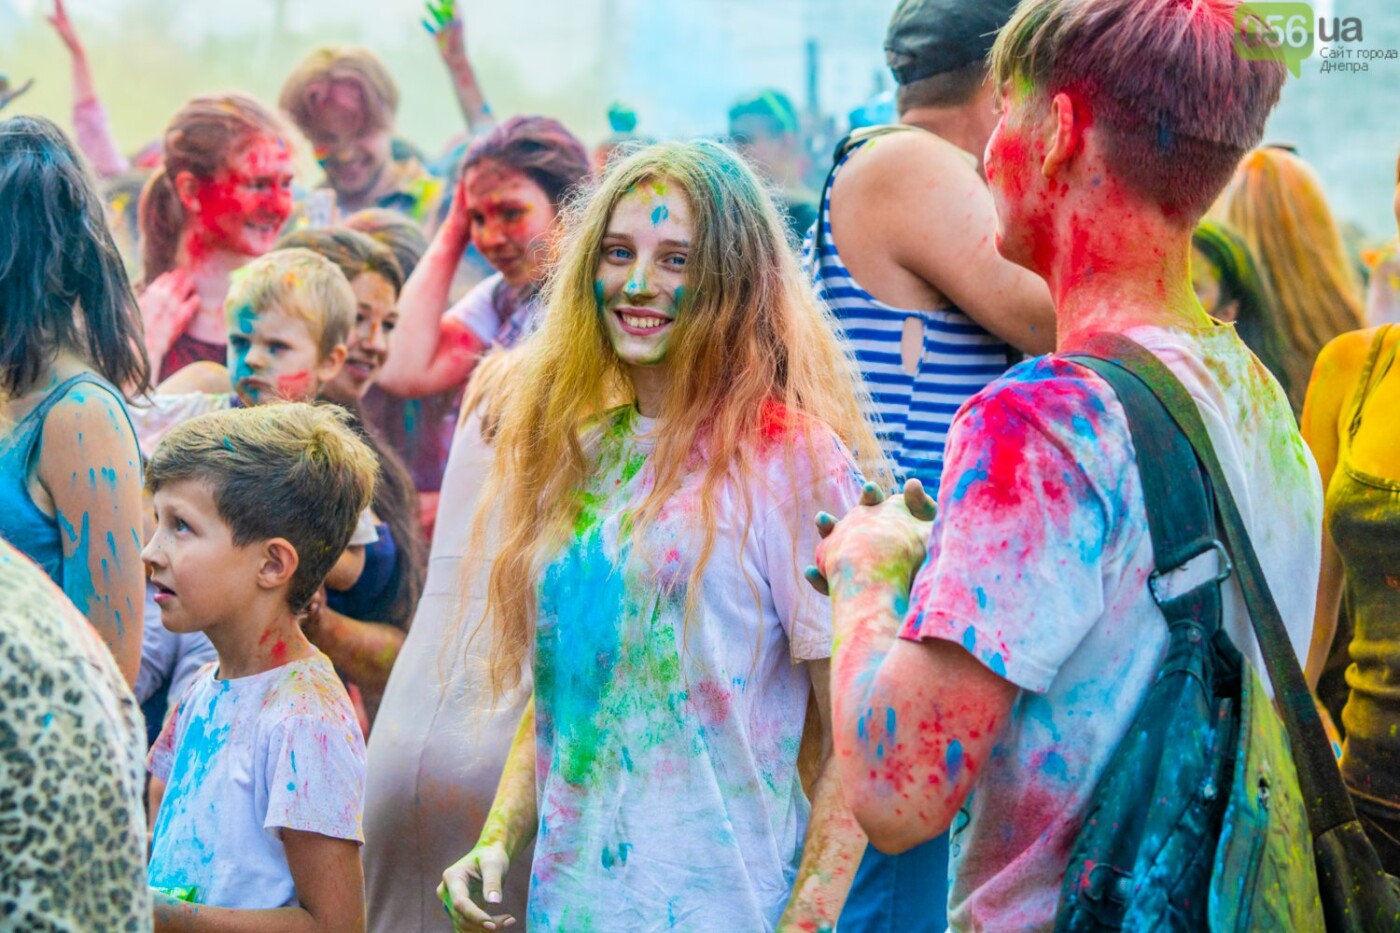 Фестиваль красок и свадьбы: как в Днепре прошел День молодежи, - ФОТОРЕПОРТАЖ, ВИДЕО, фото-16